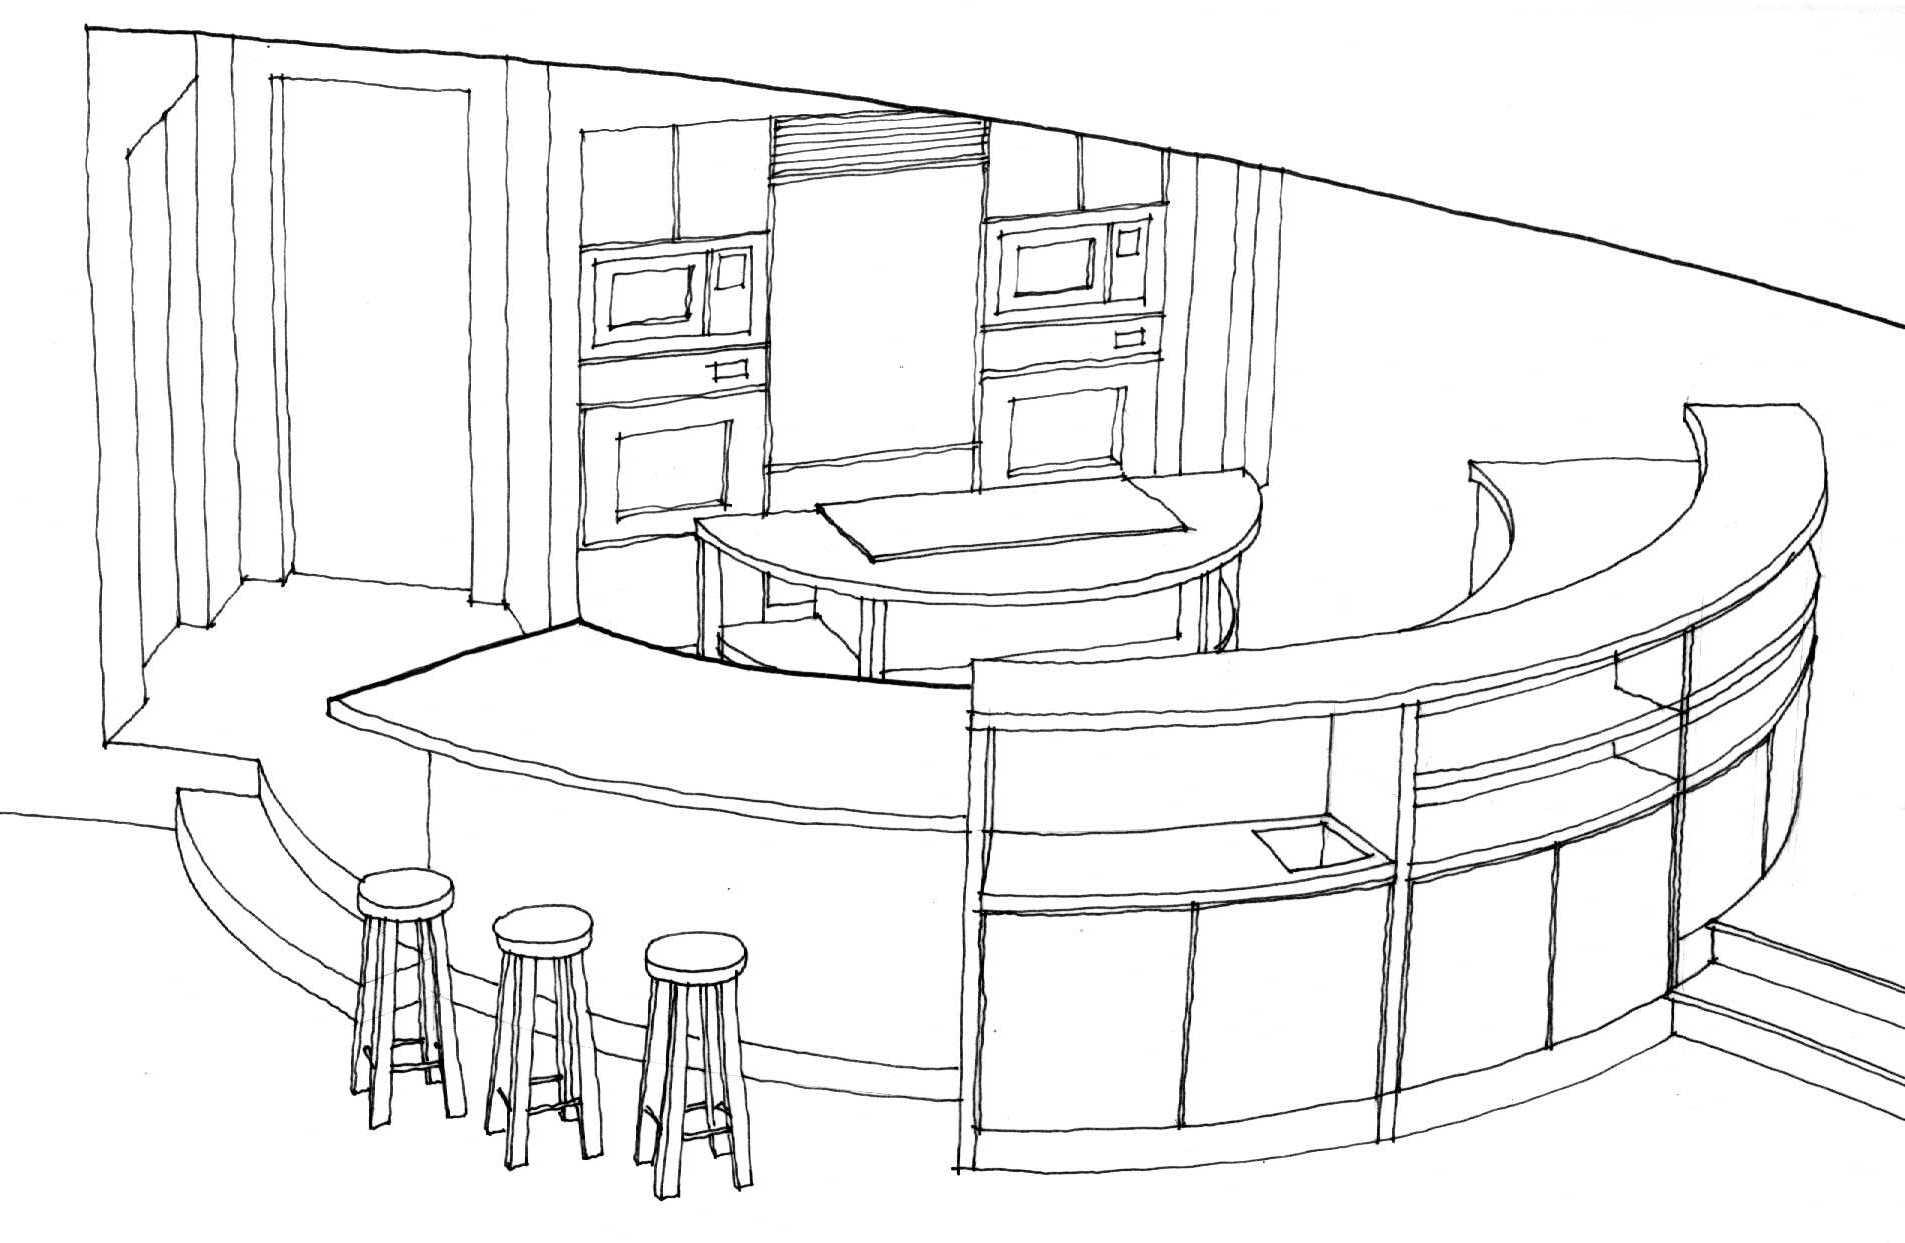 KR050-kitchen-sketch-150.jpg